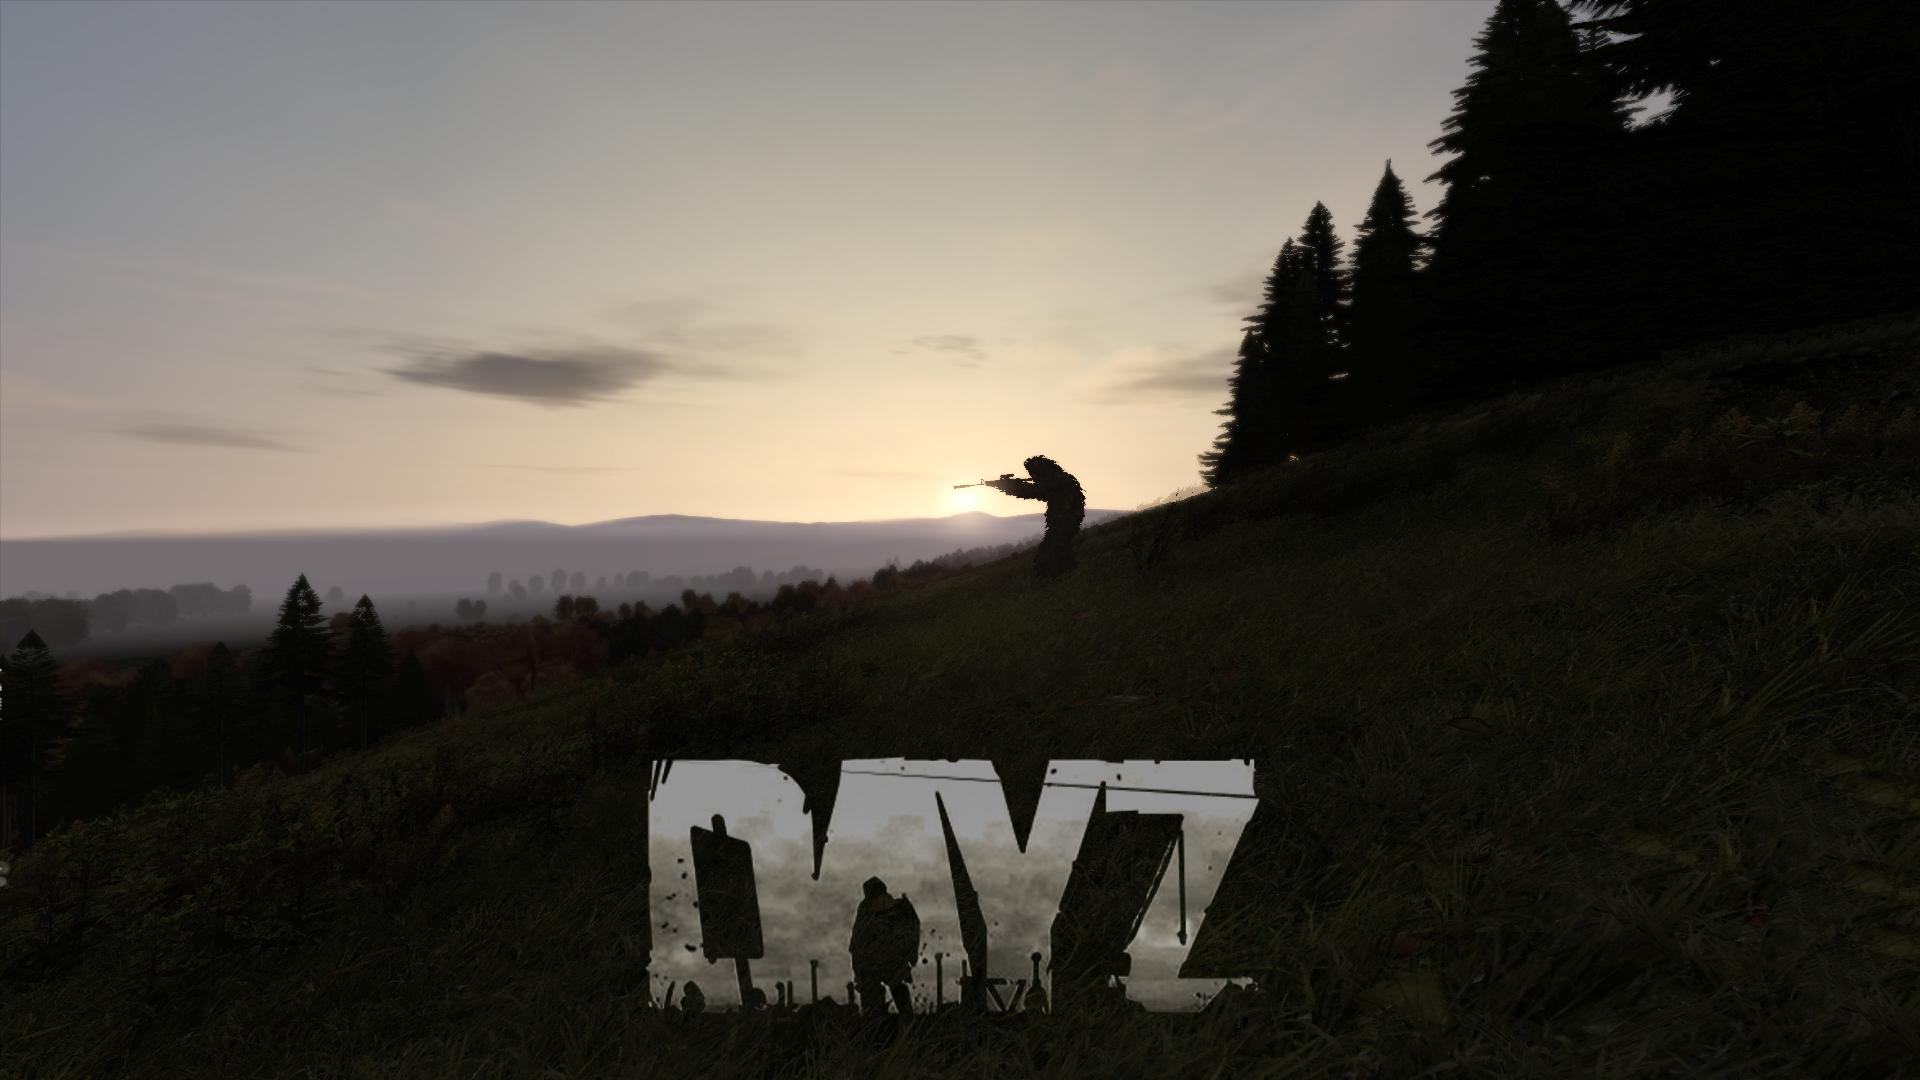 dayz screenshot wallpapers by suzuki88 on deviantart